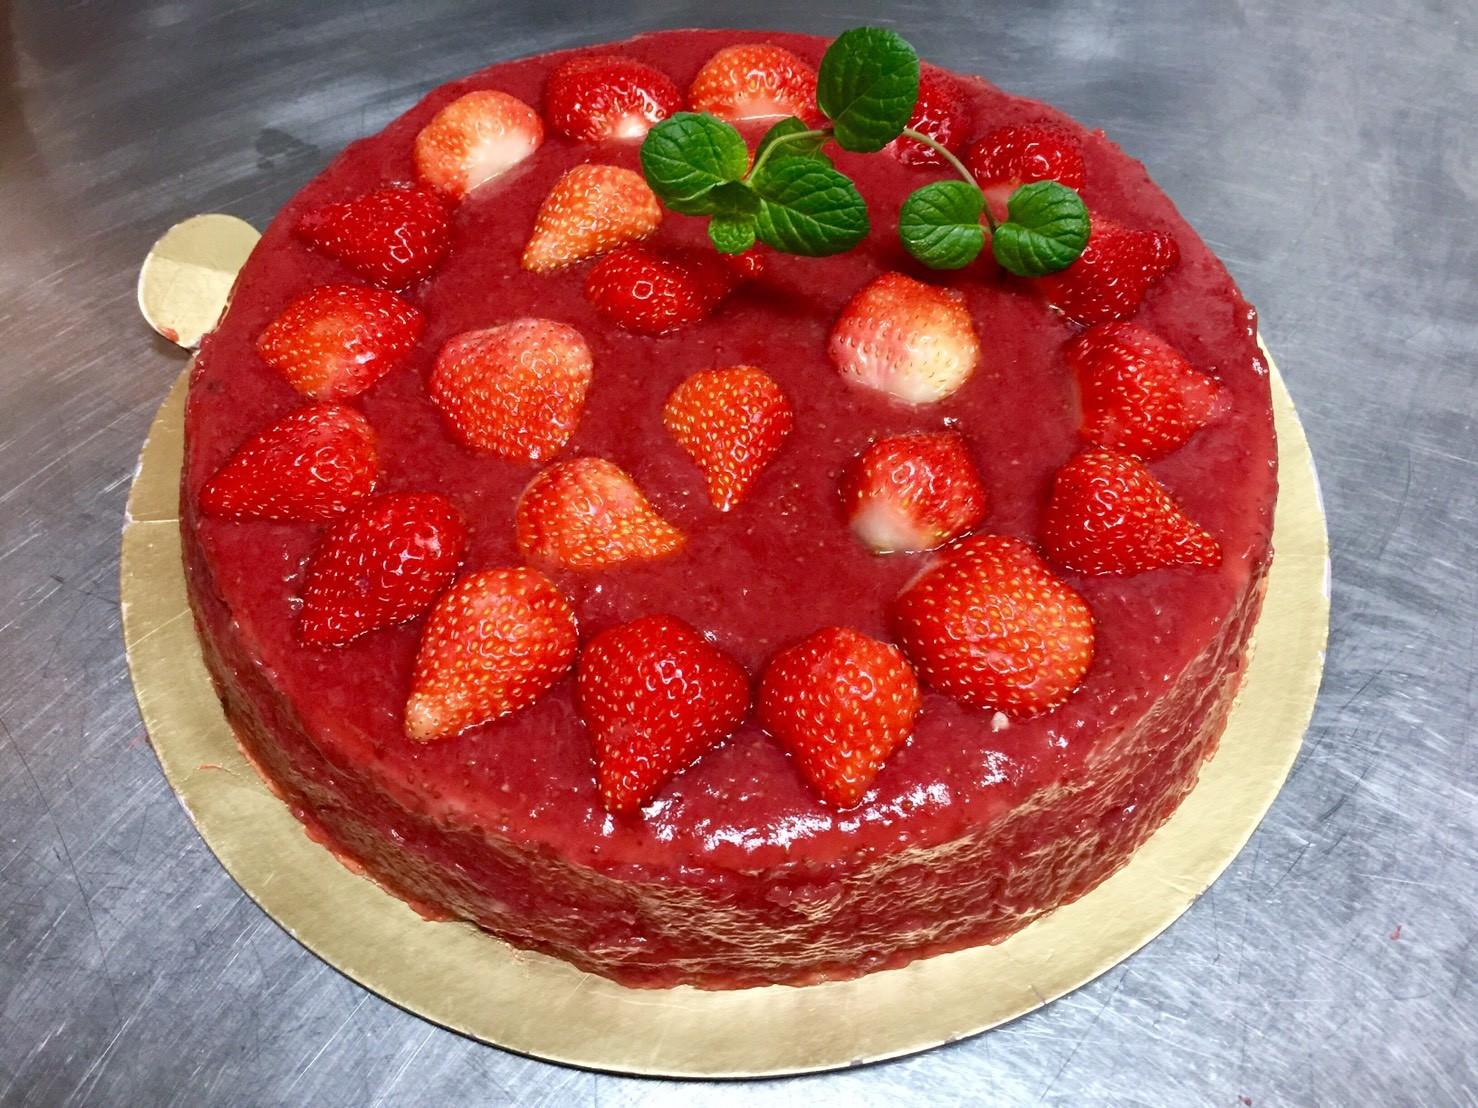 wei甜/【自製新鮮草莓醬乳酪蛋糕】- B款(8吋)